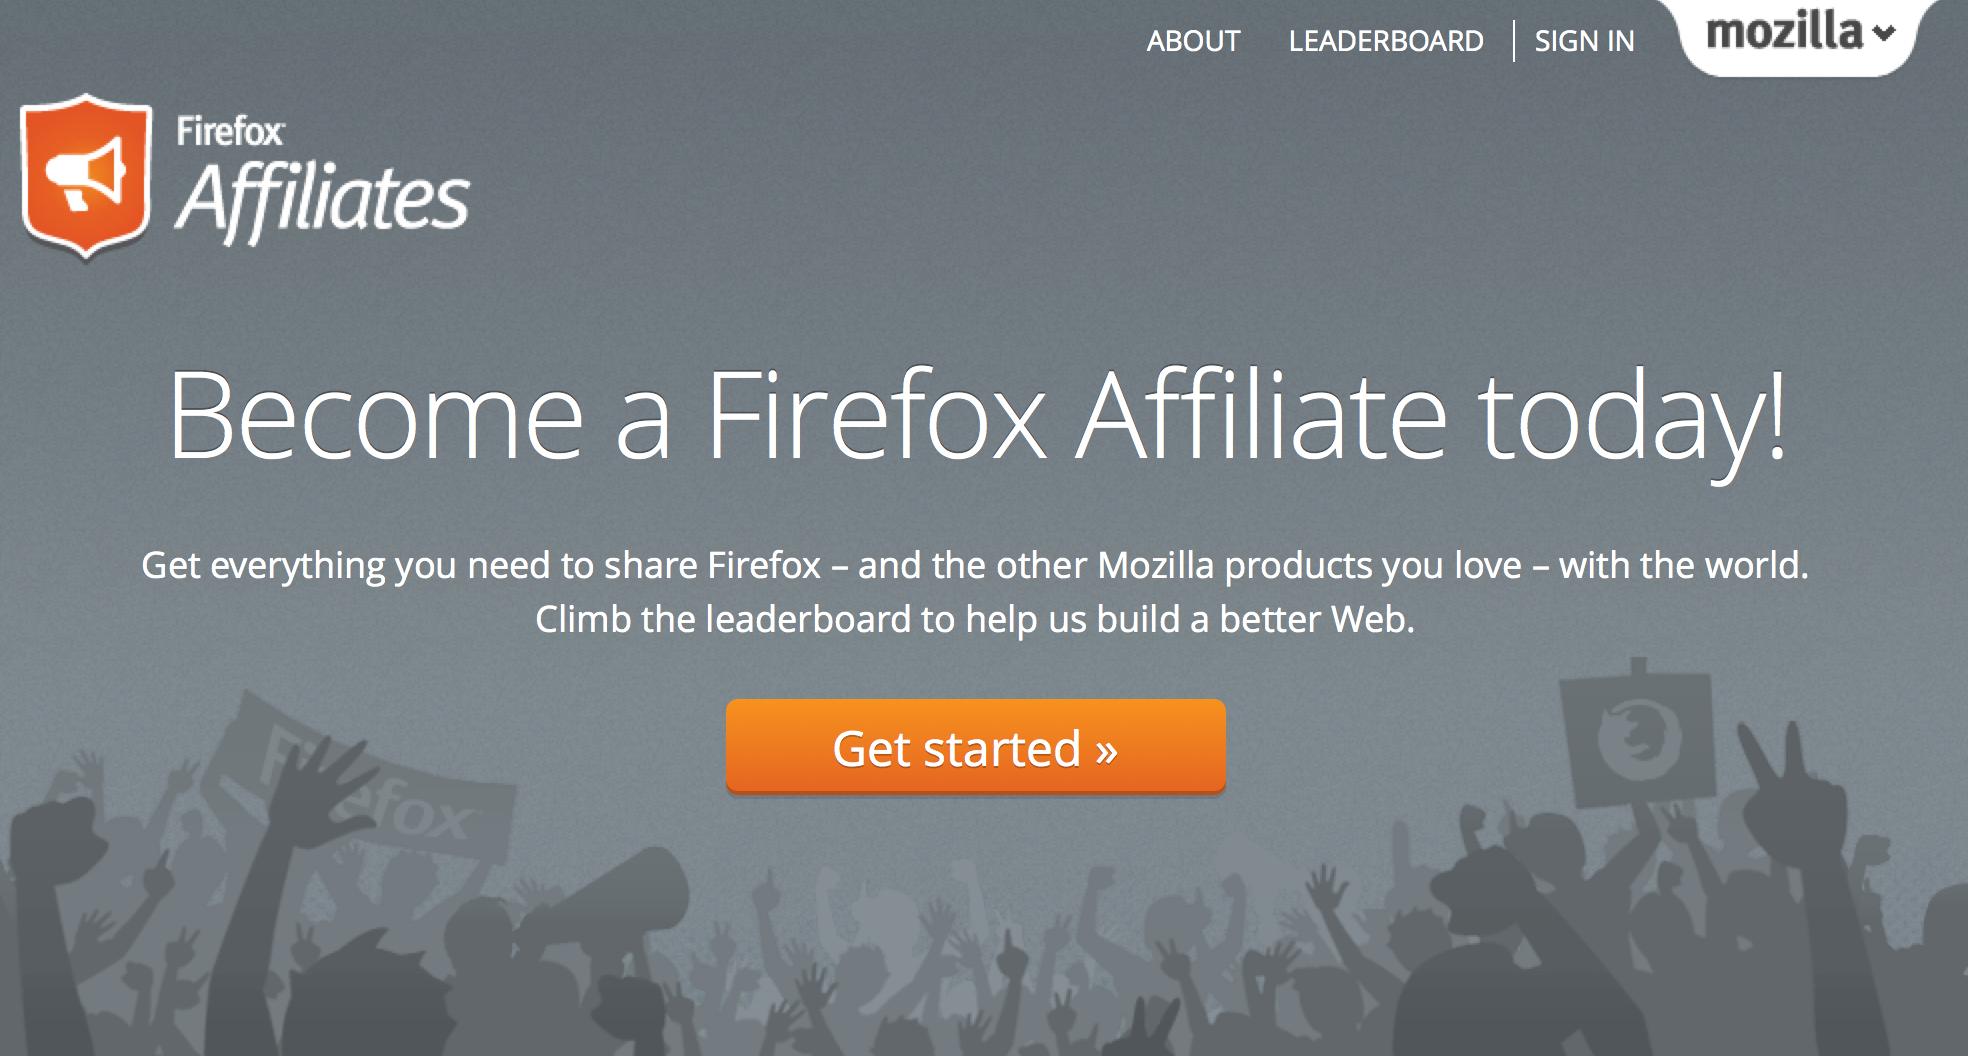 New Affiliates web site!